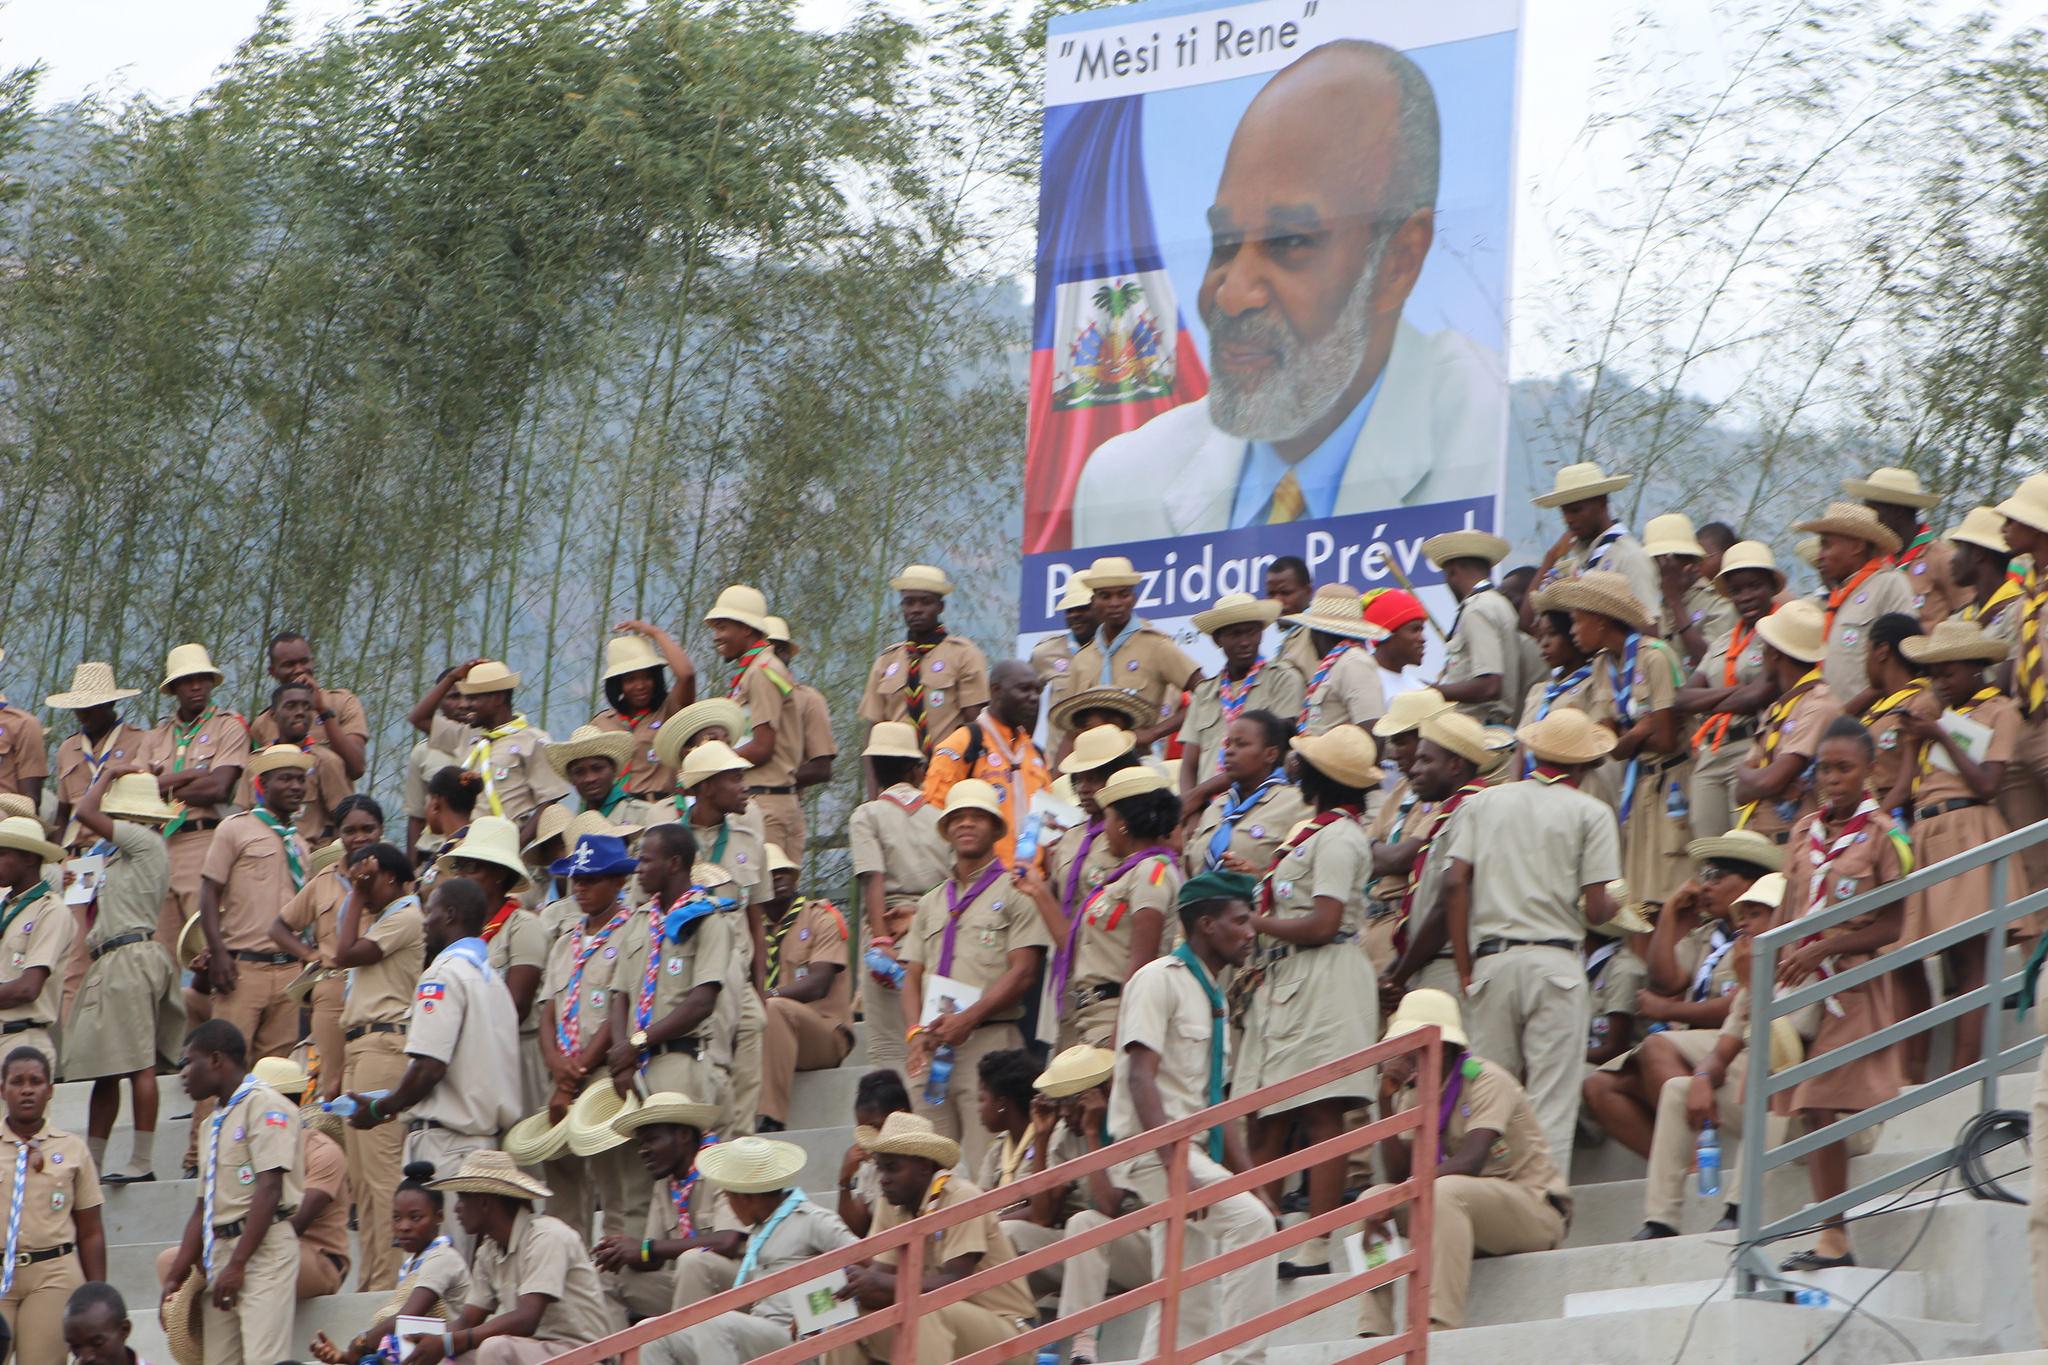 La délégation de scouts aux funérailles le samedi 11 mars 2017. PHOTO: Daniel Tercier/Haïti Liberté